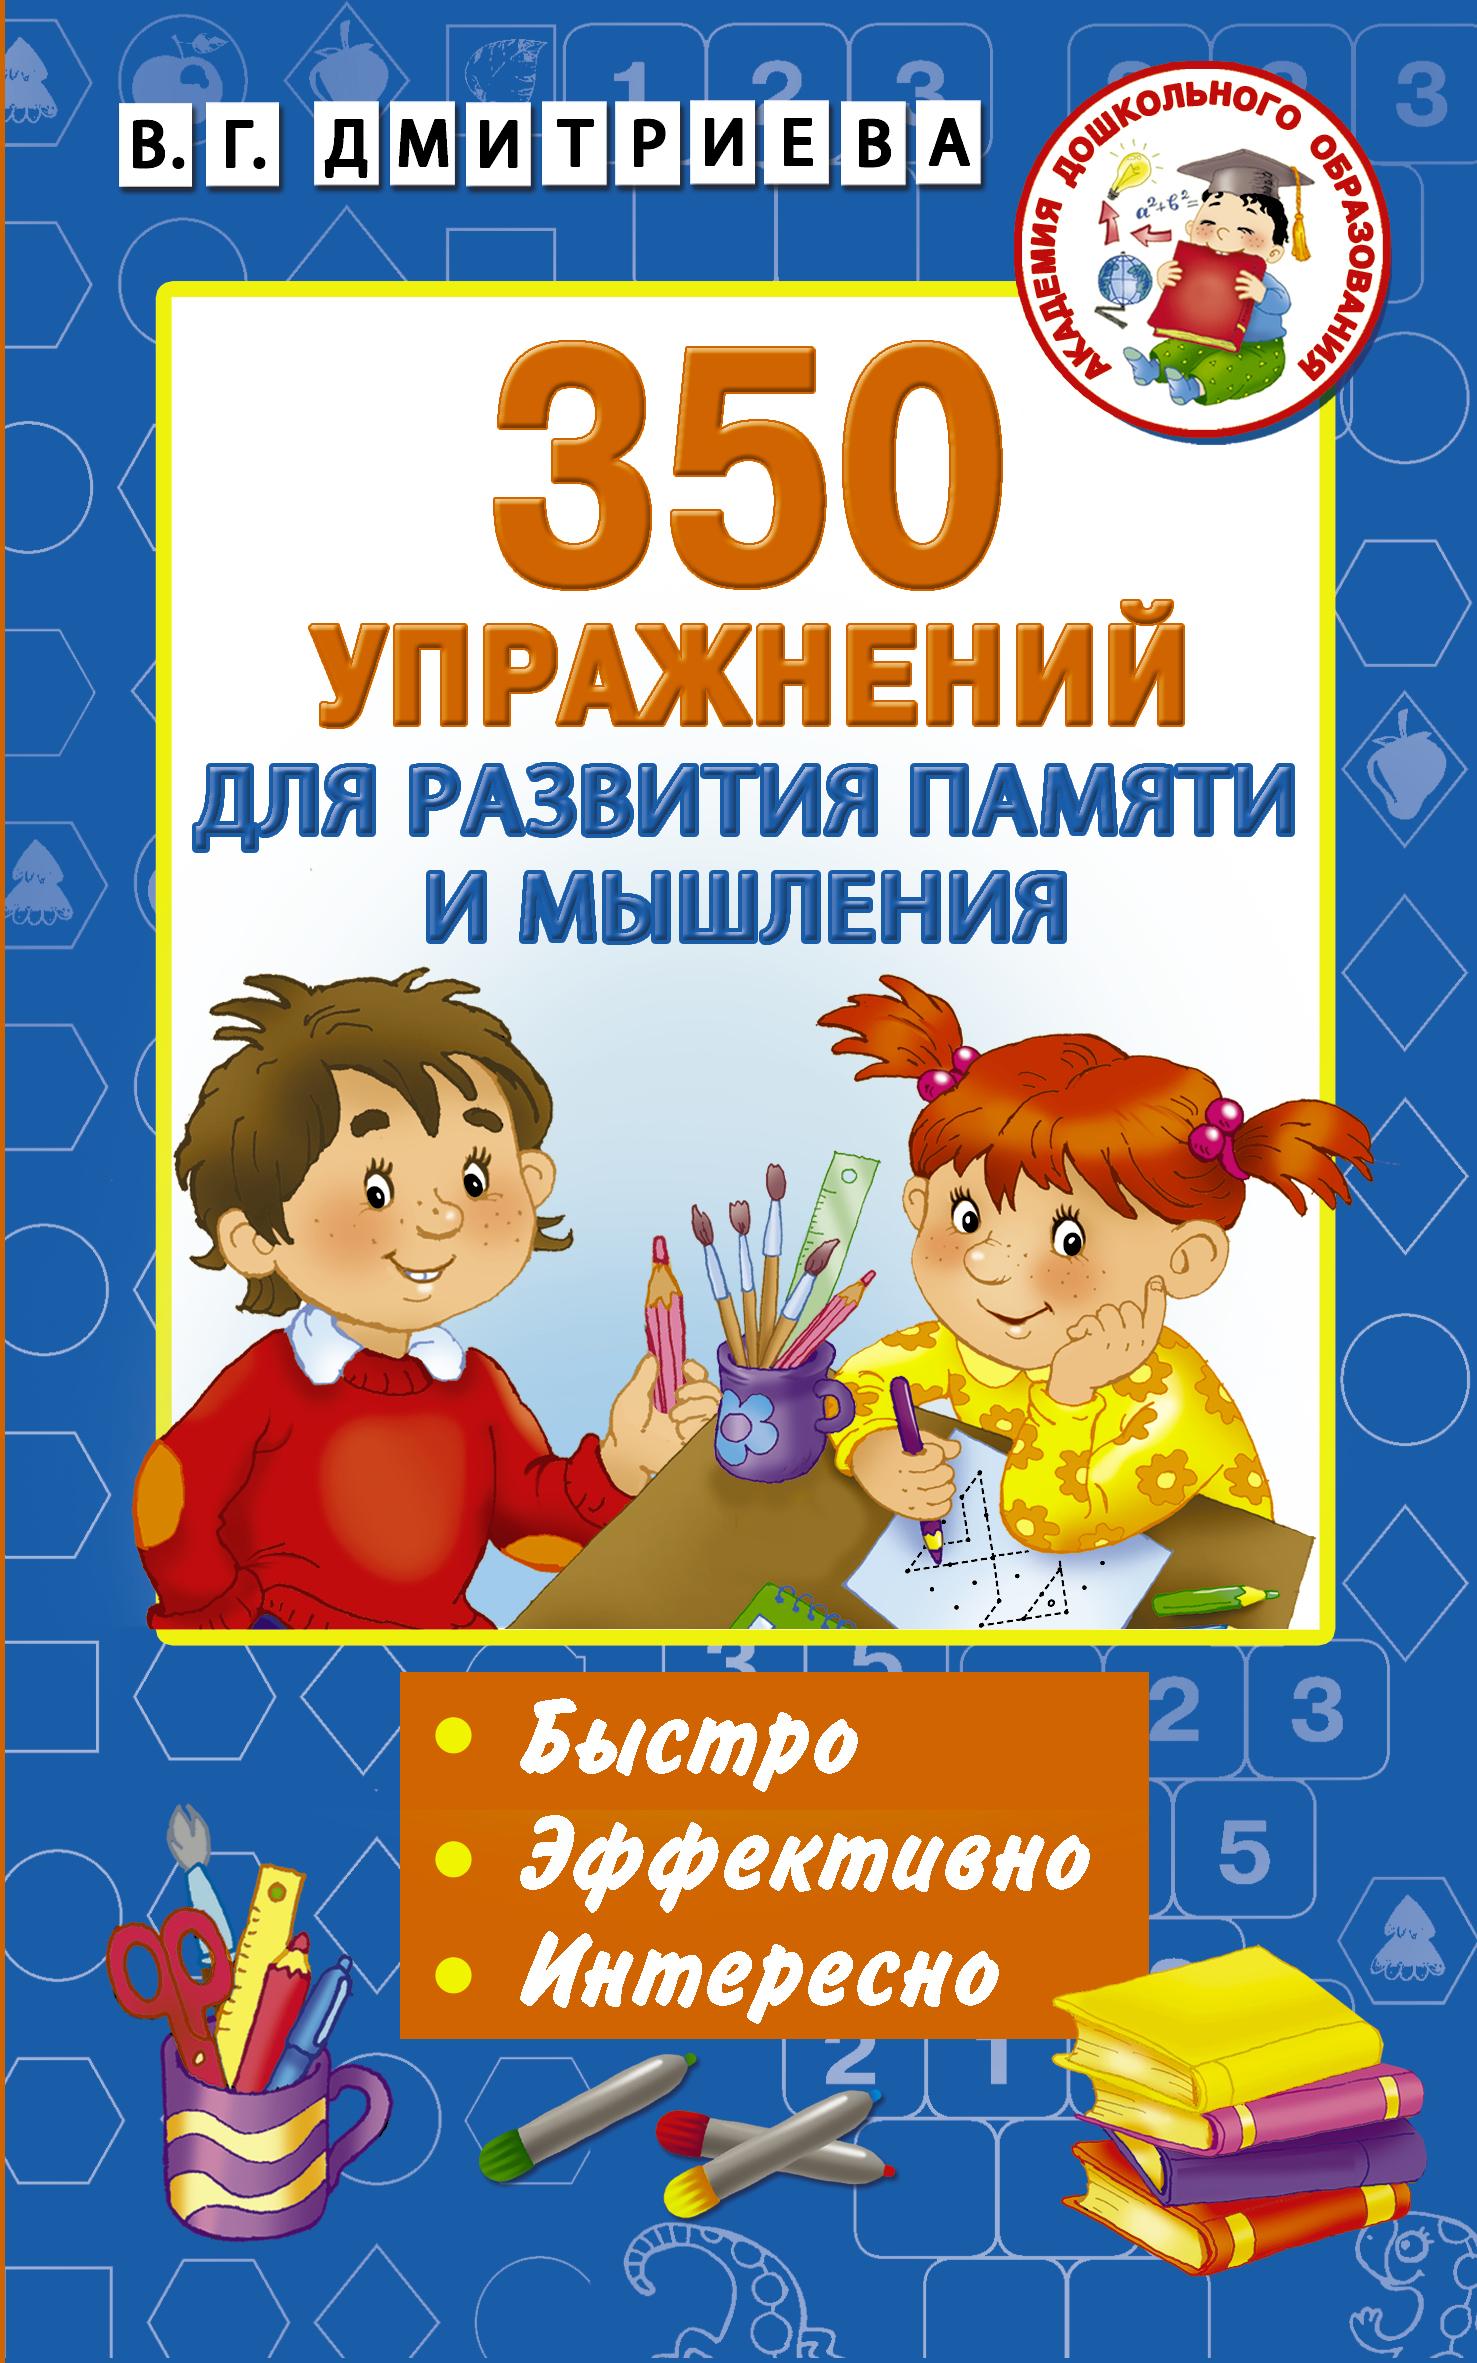 В. Г. Дмитриева 350 упражнений для развития памяти и мышления петлякова э подгорная с развиваем память и внимание занимательные игровые упражнения упражнения на развитие творческих способностей игры на развитие мышления и воображения